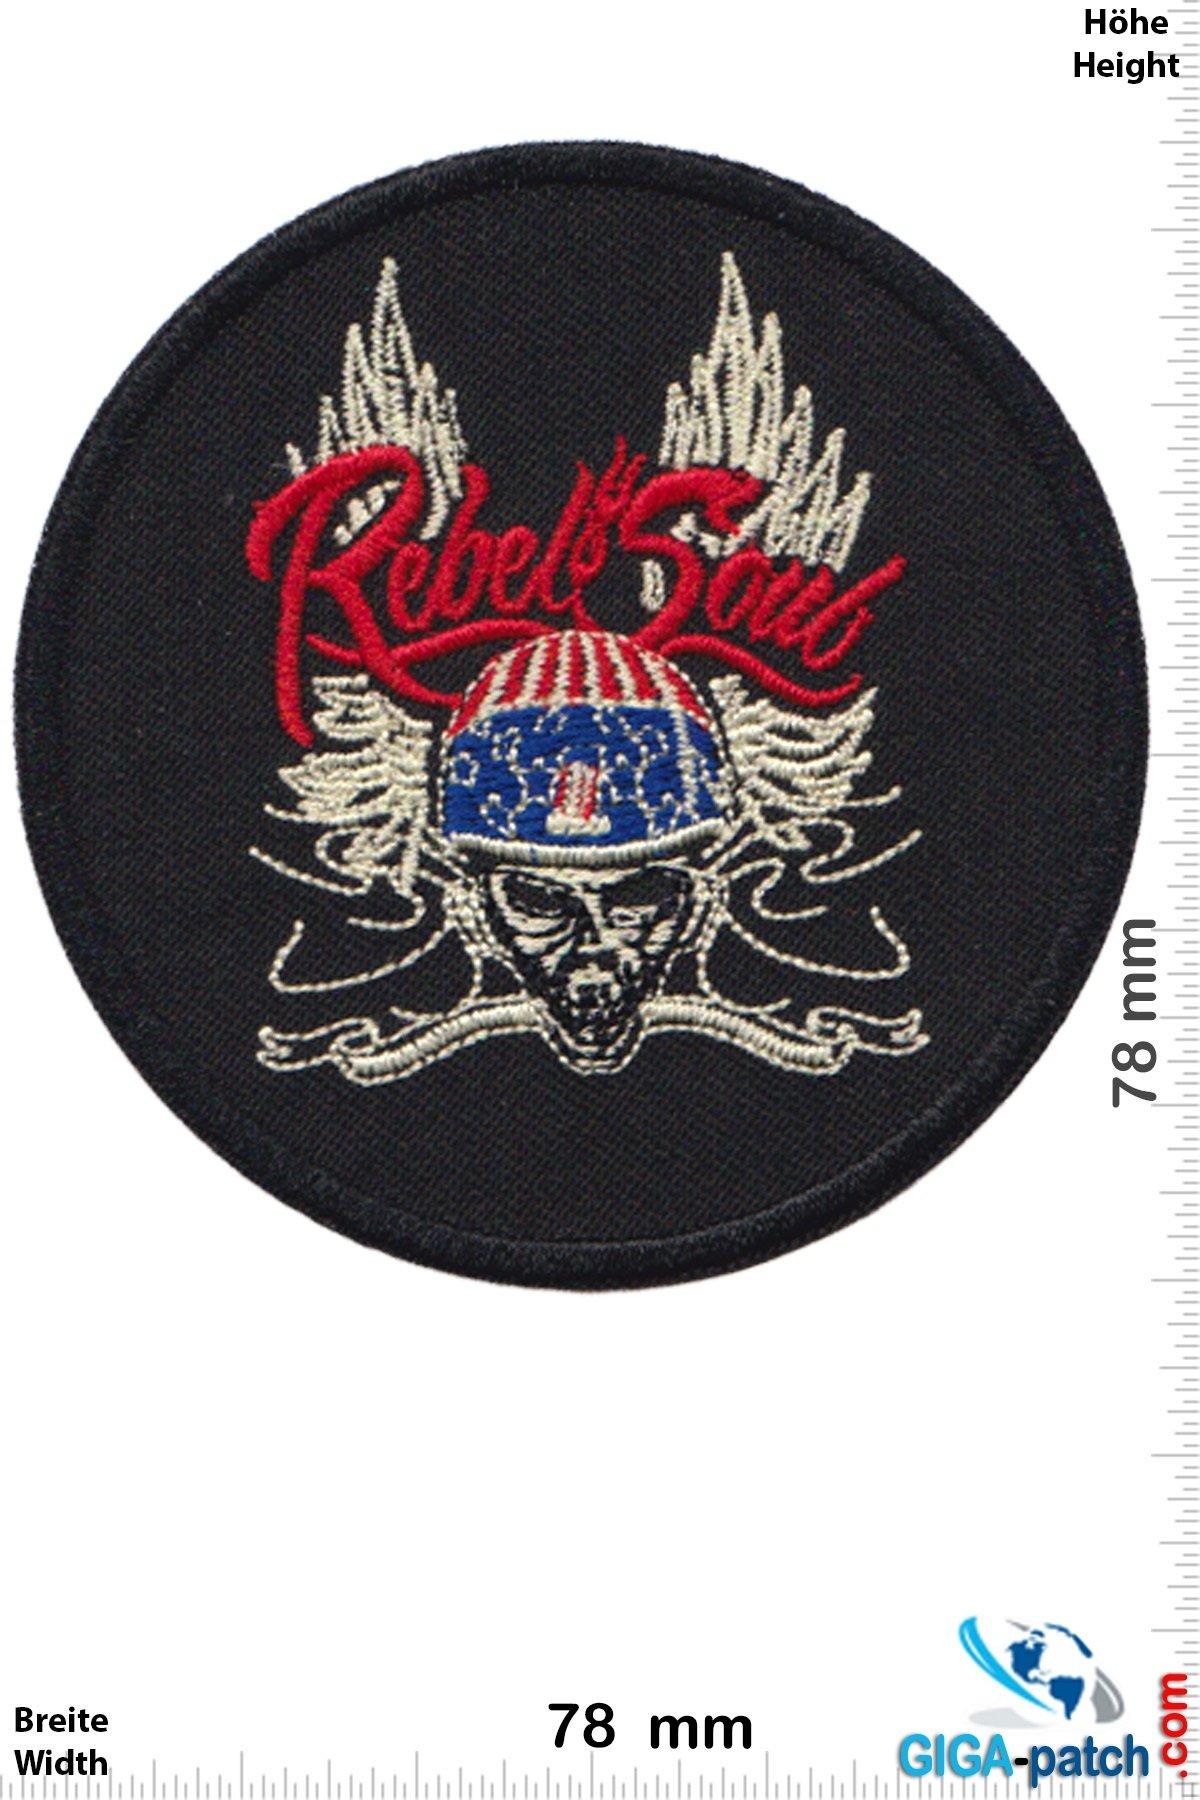 Rebel Soul Records